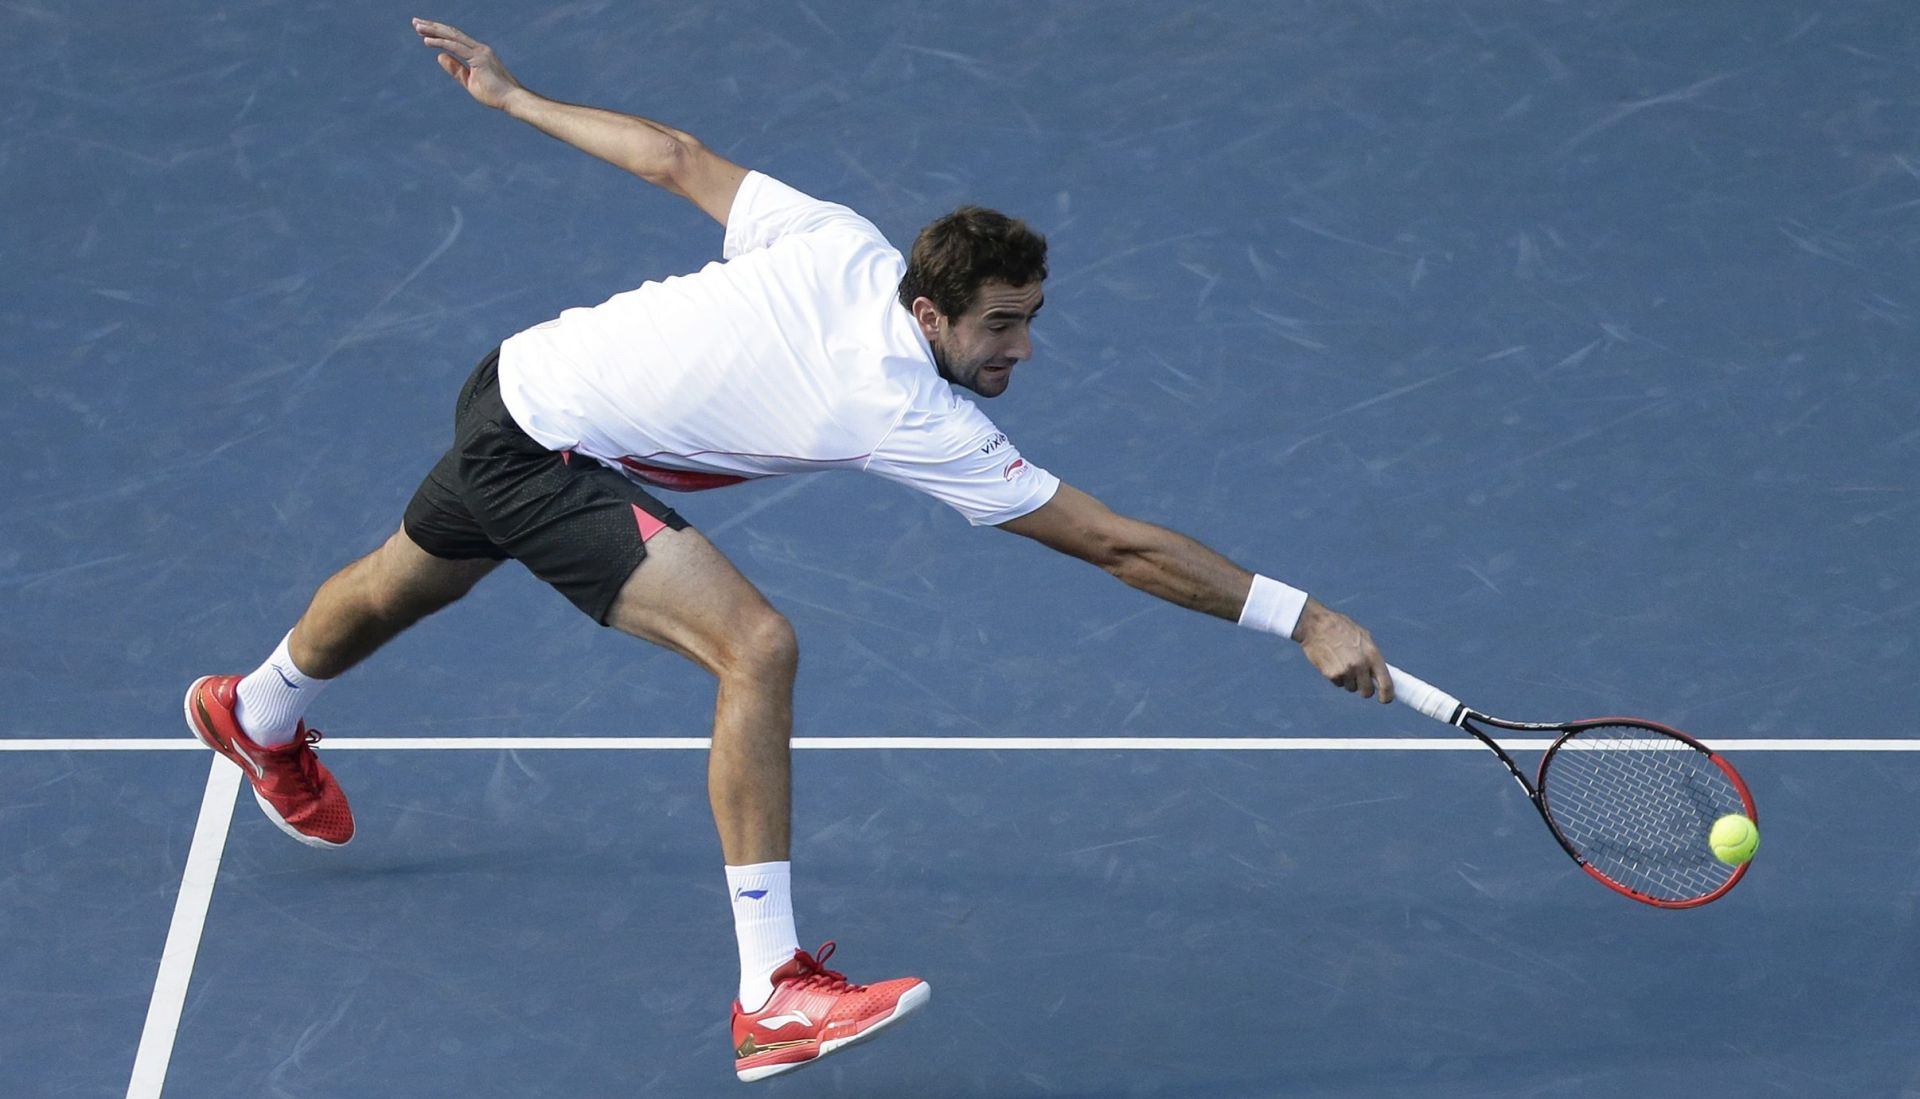 MASTERS ŠANGAJ Wawrinka bolji od Čilića, u četvrtfinalu ga čeka Nadal